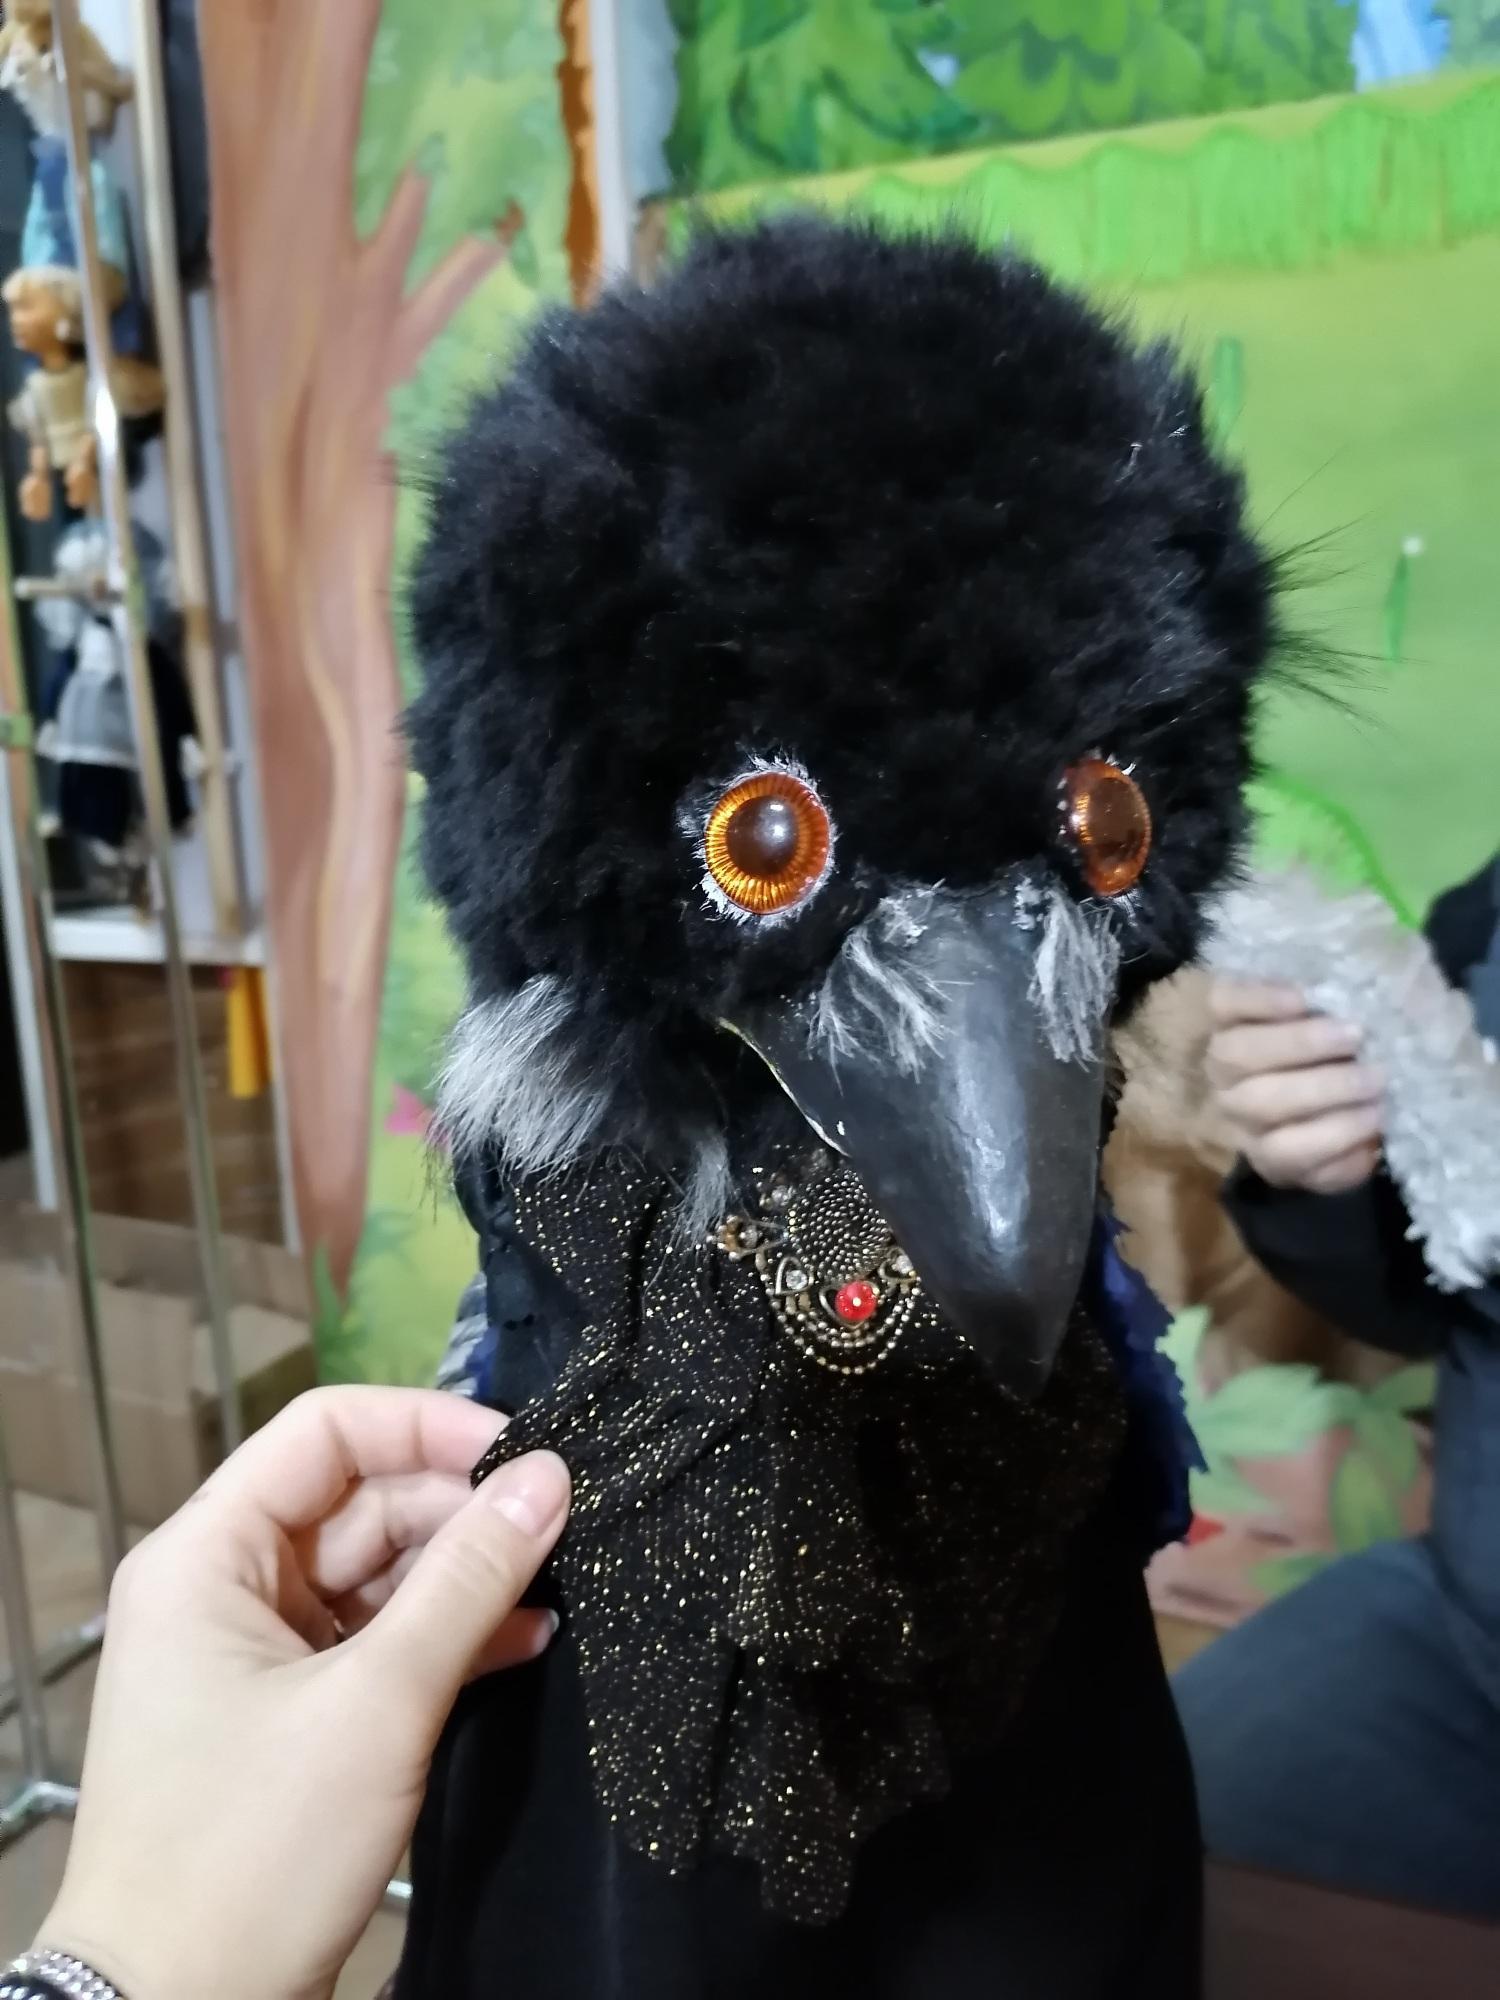 Фото Повелитель  бабы Яги и укротитель чёрной Вороны: мастер-кукольник под Новосибирском создаёт игрушки для театра инвалидов 3